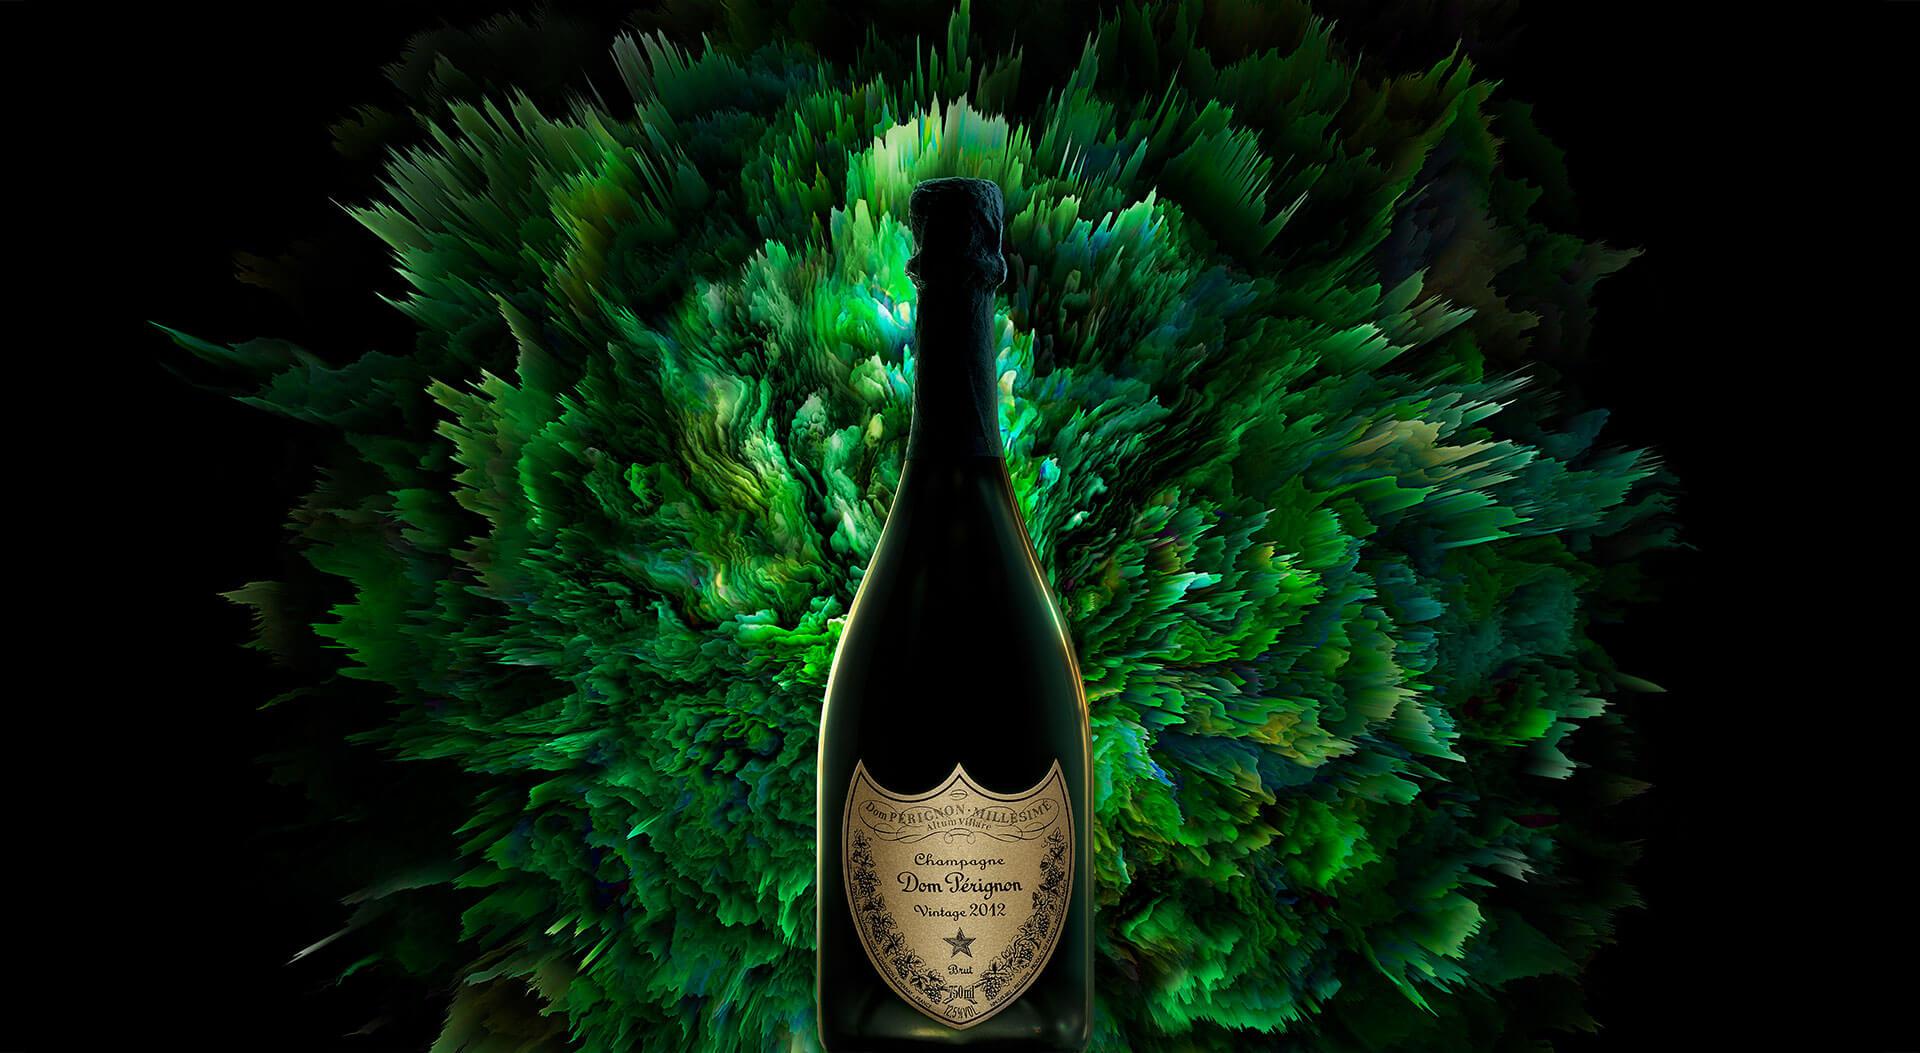 Champagne Dom Pérignon Vintage 2012